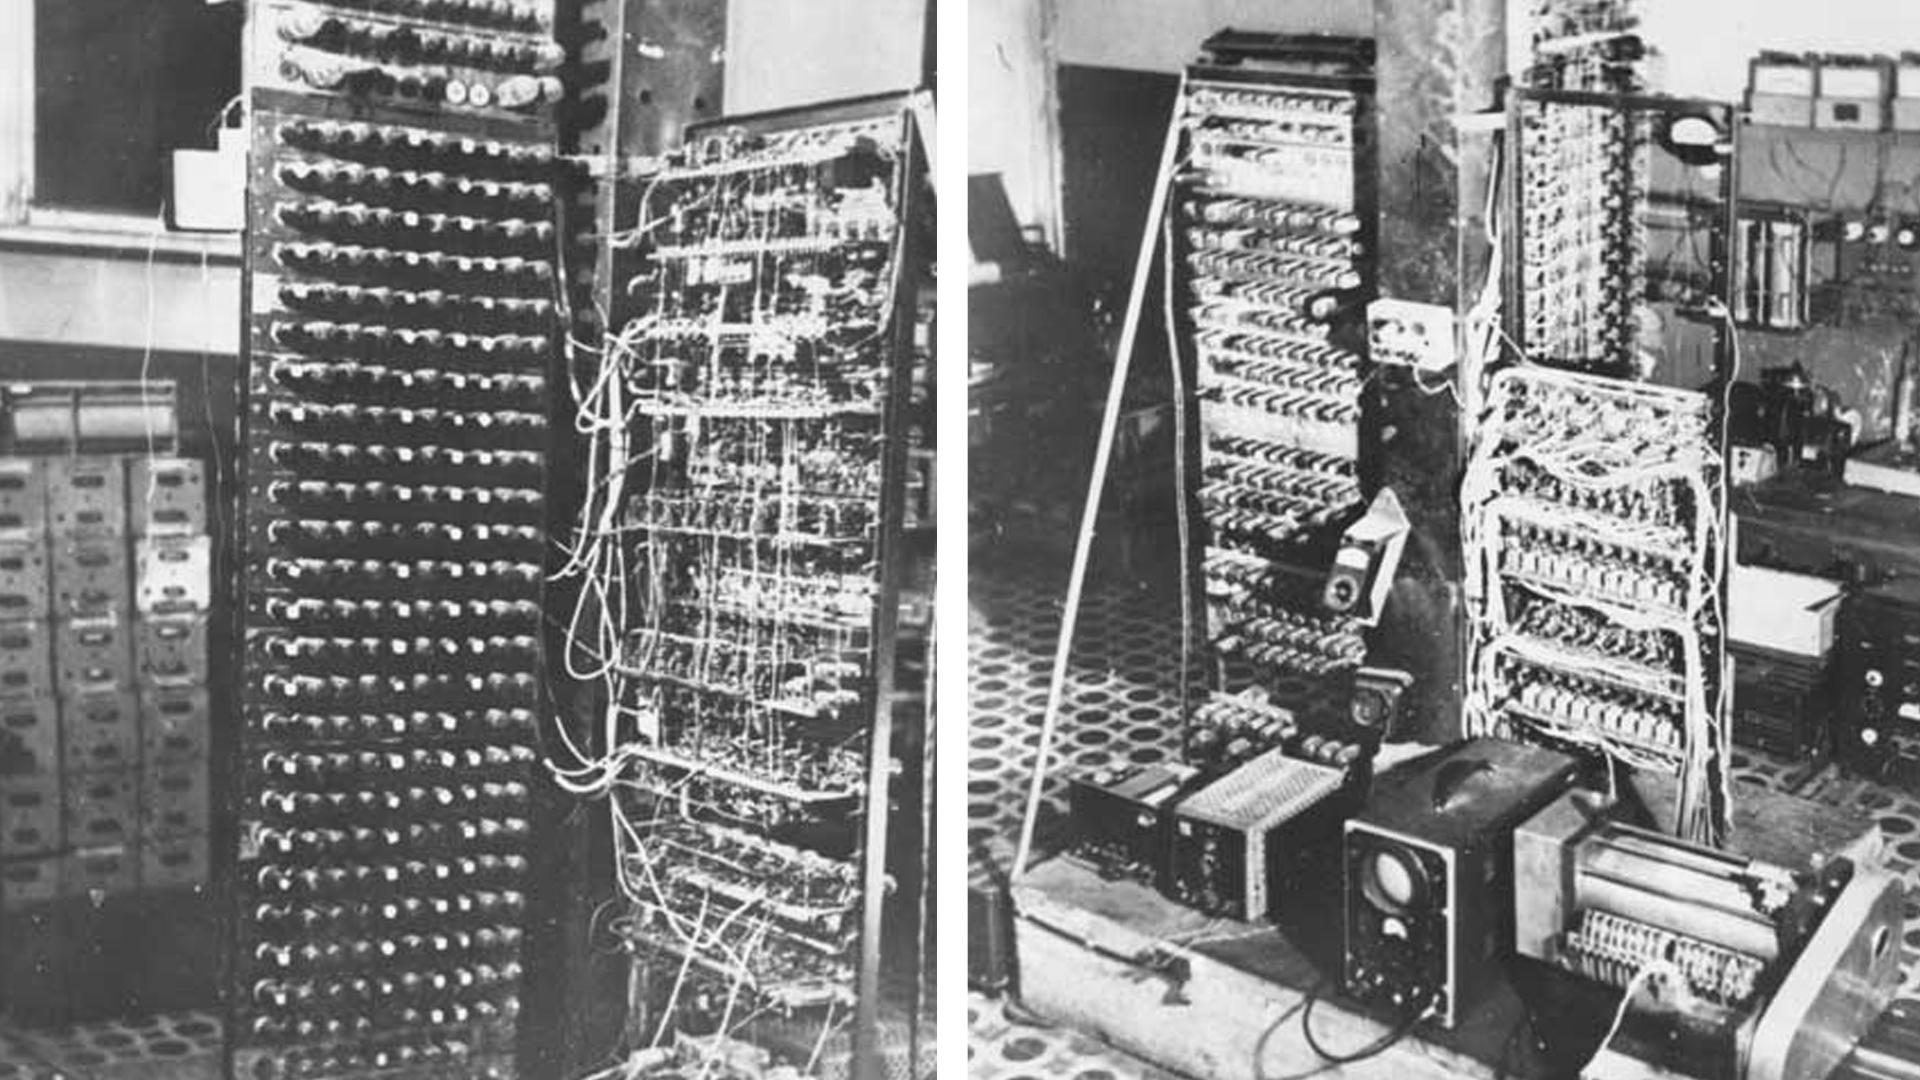 ЭВМ М-1. Фото © Совет Виртуального компьютерного музея